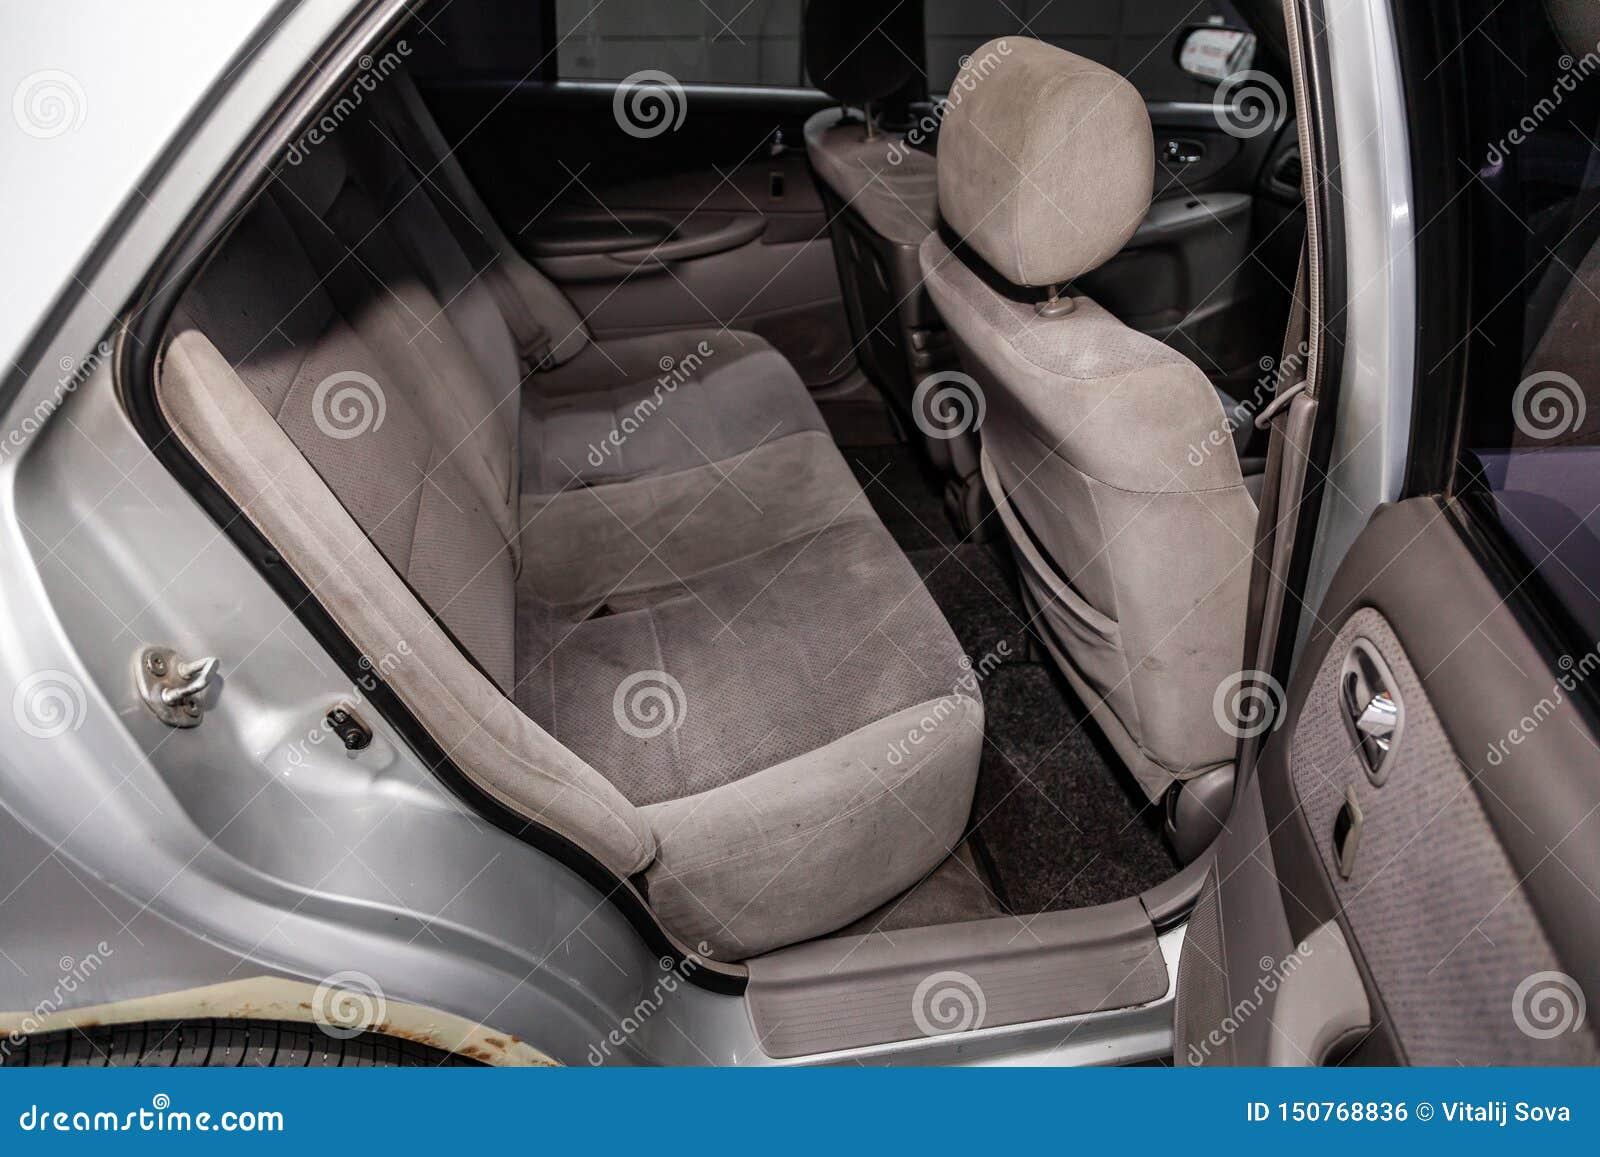 Novosibirsk, Russia June 14, 2019 Mazda Capella